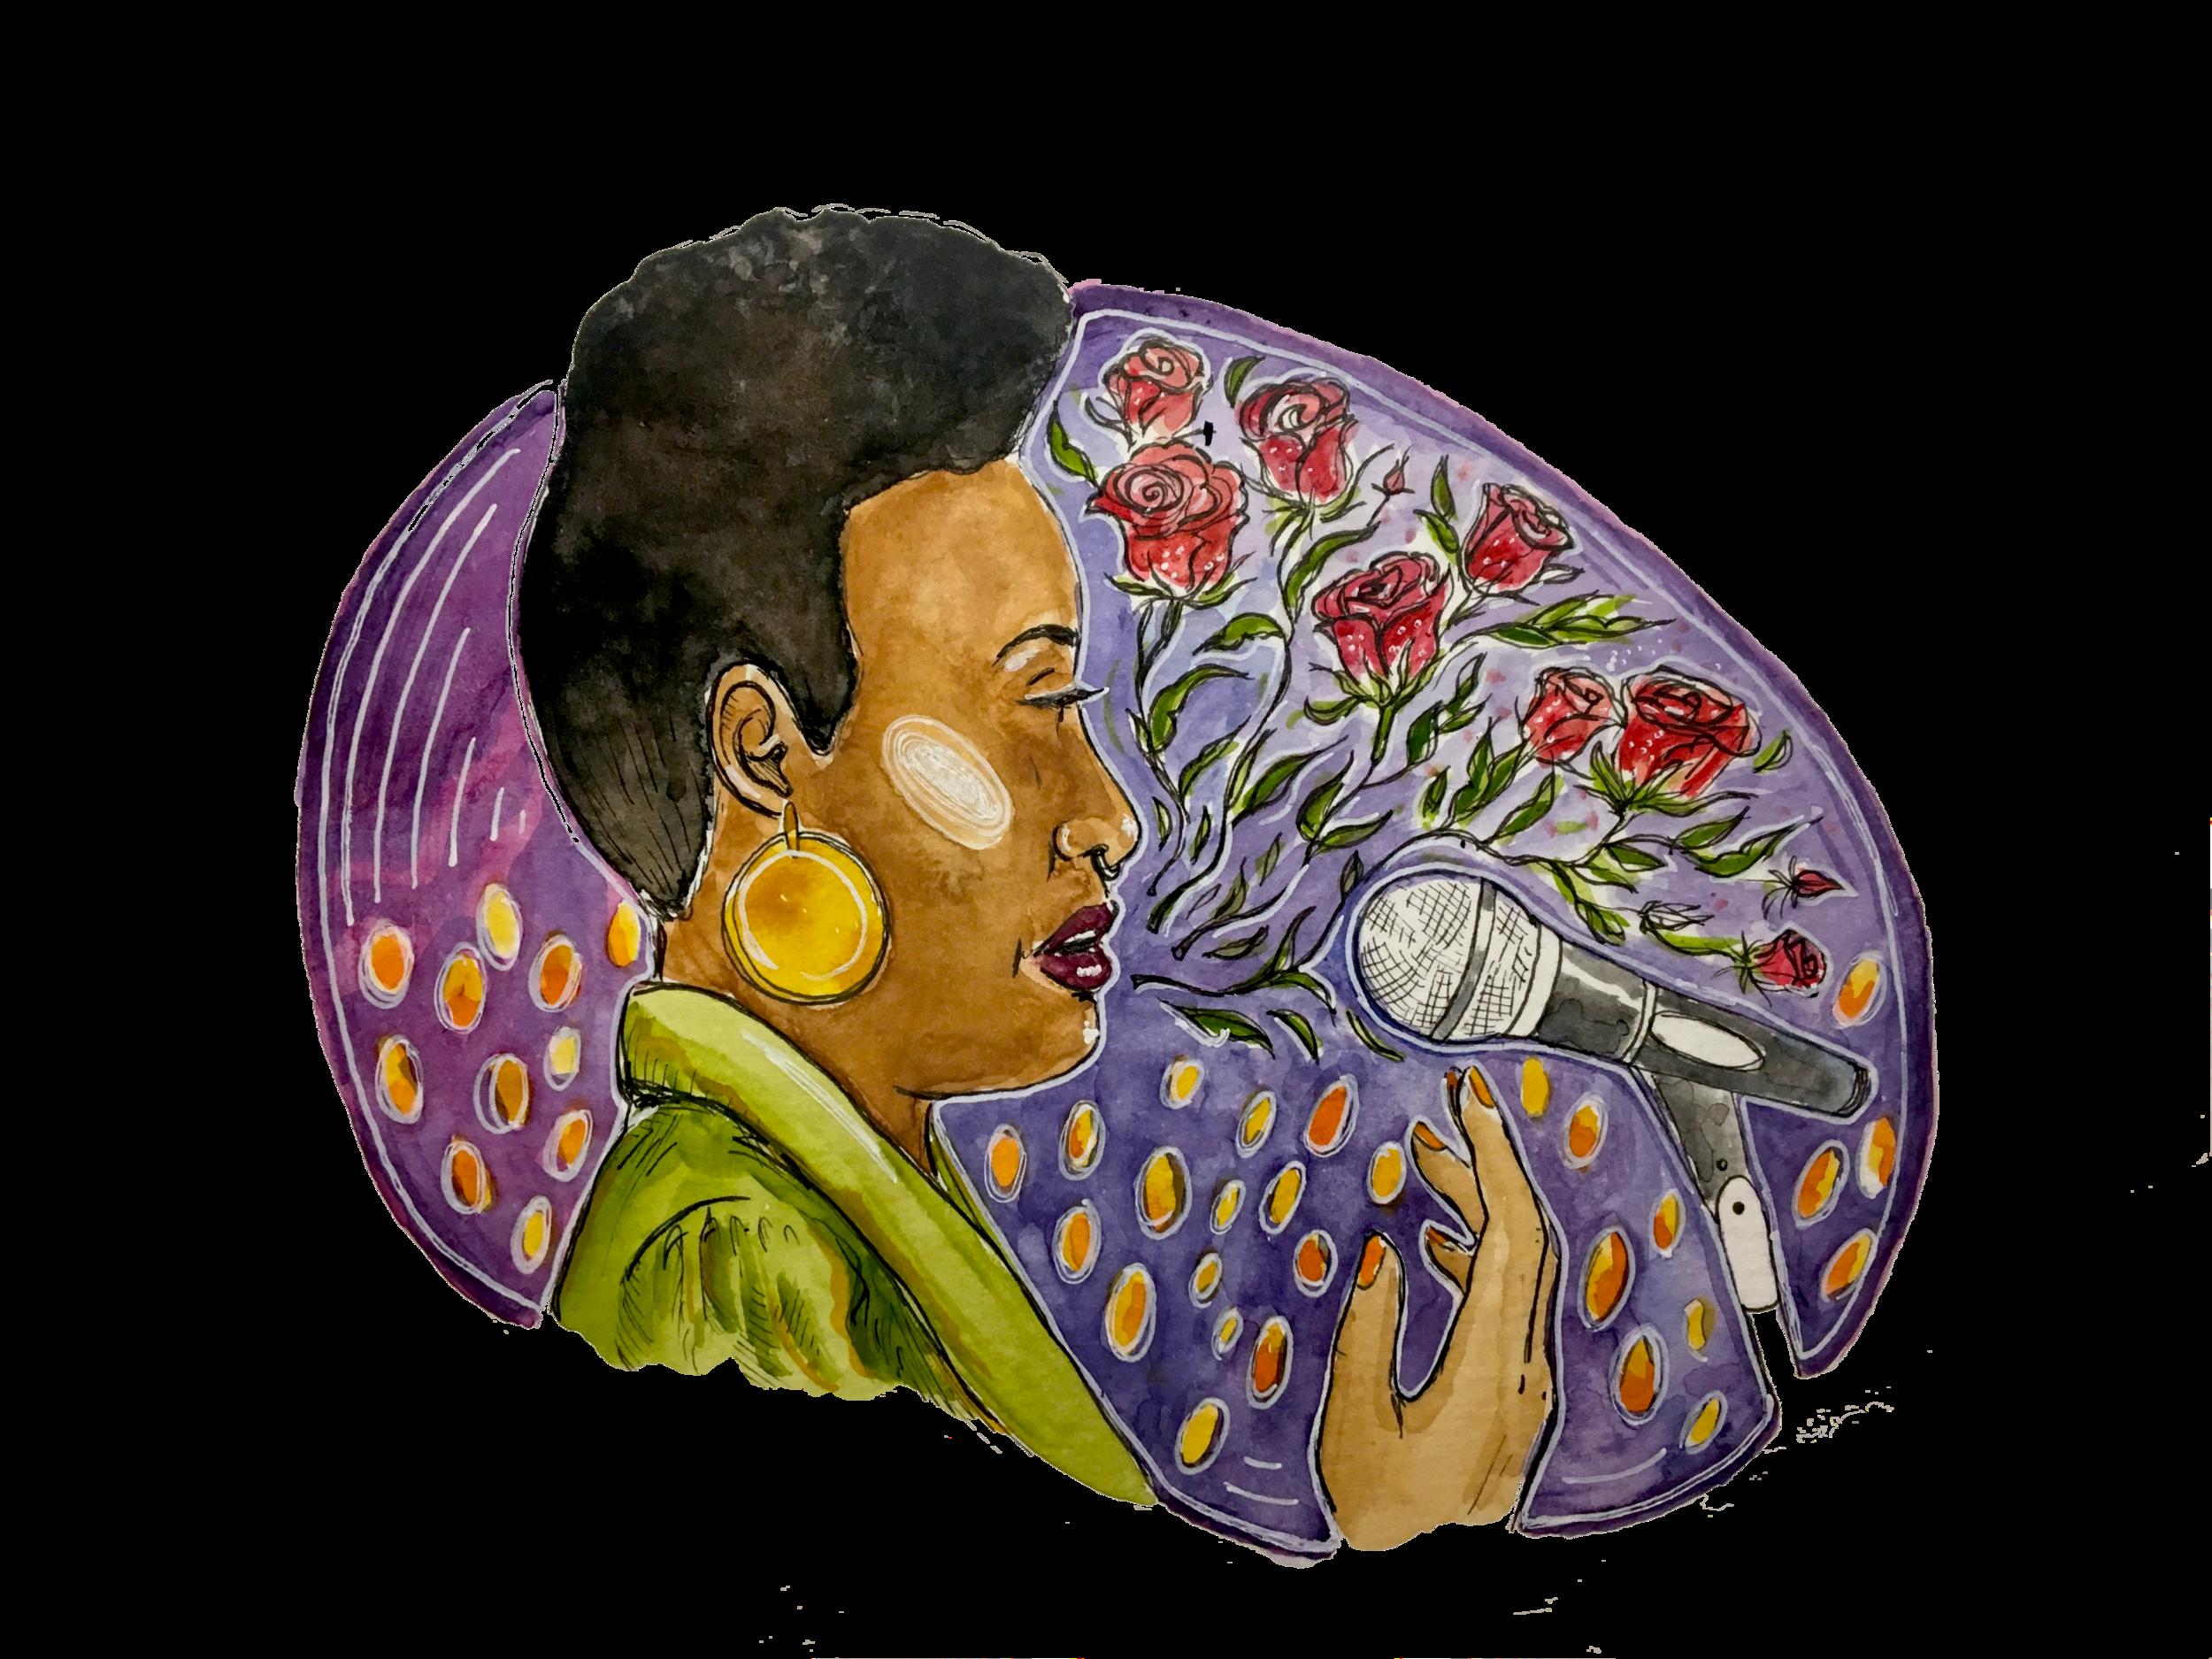 Illustration by Alyssa Long